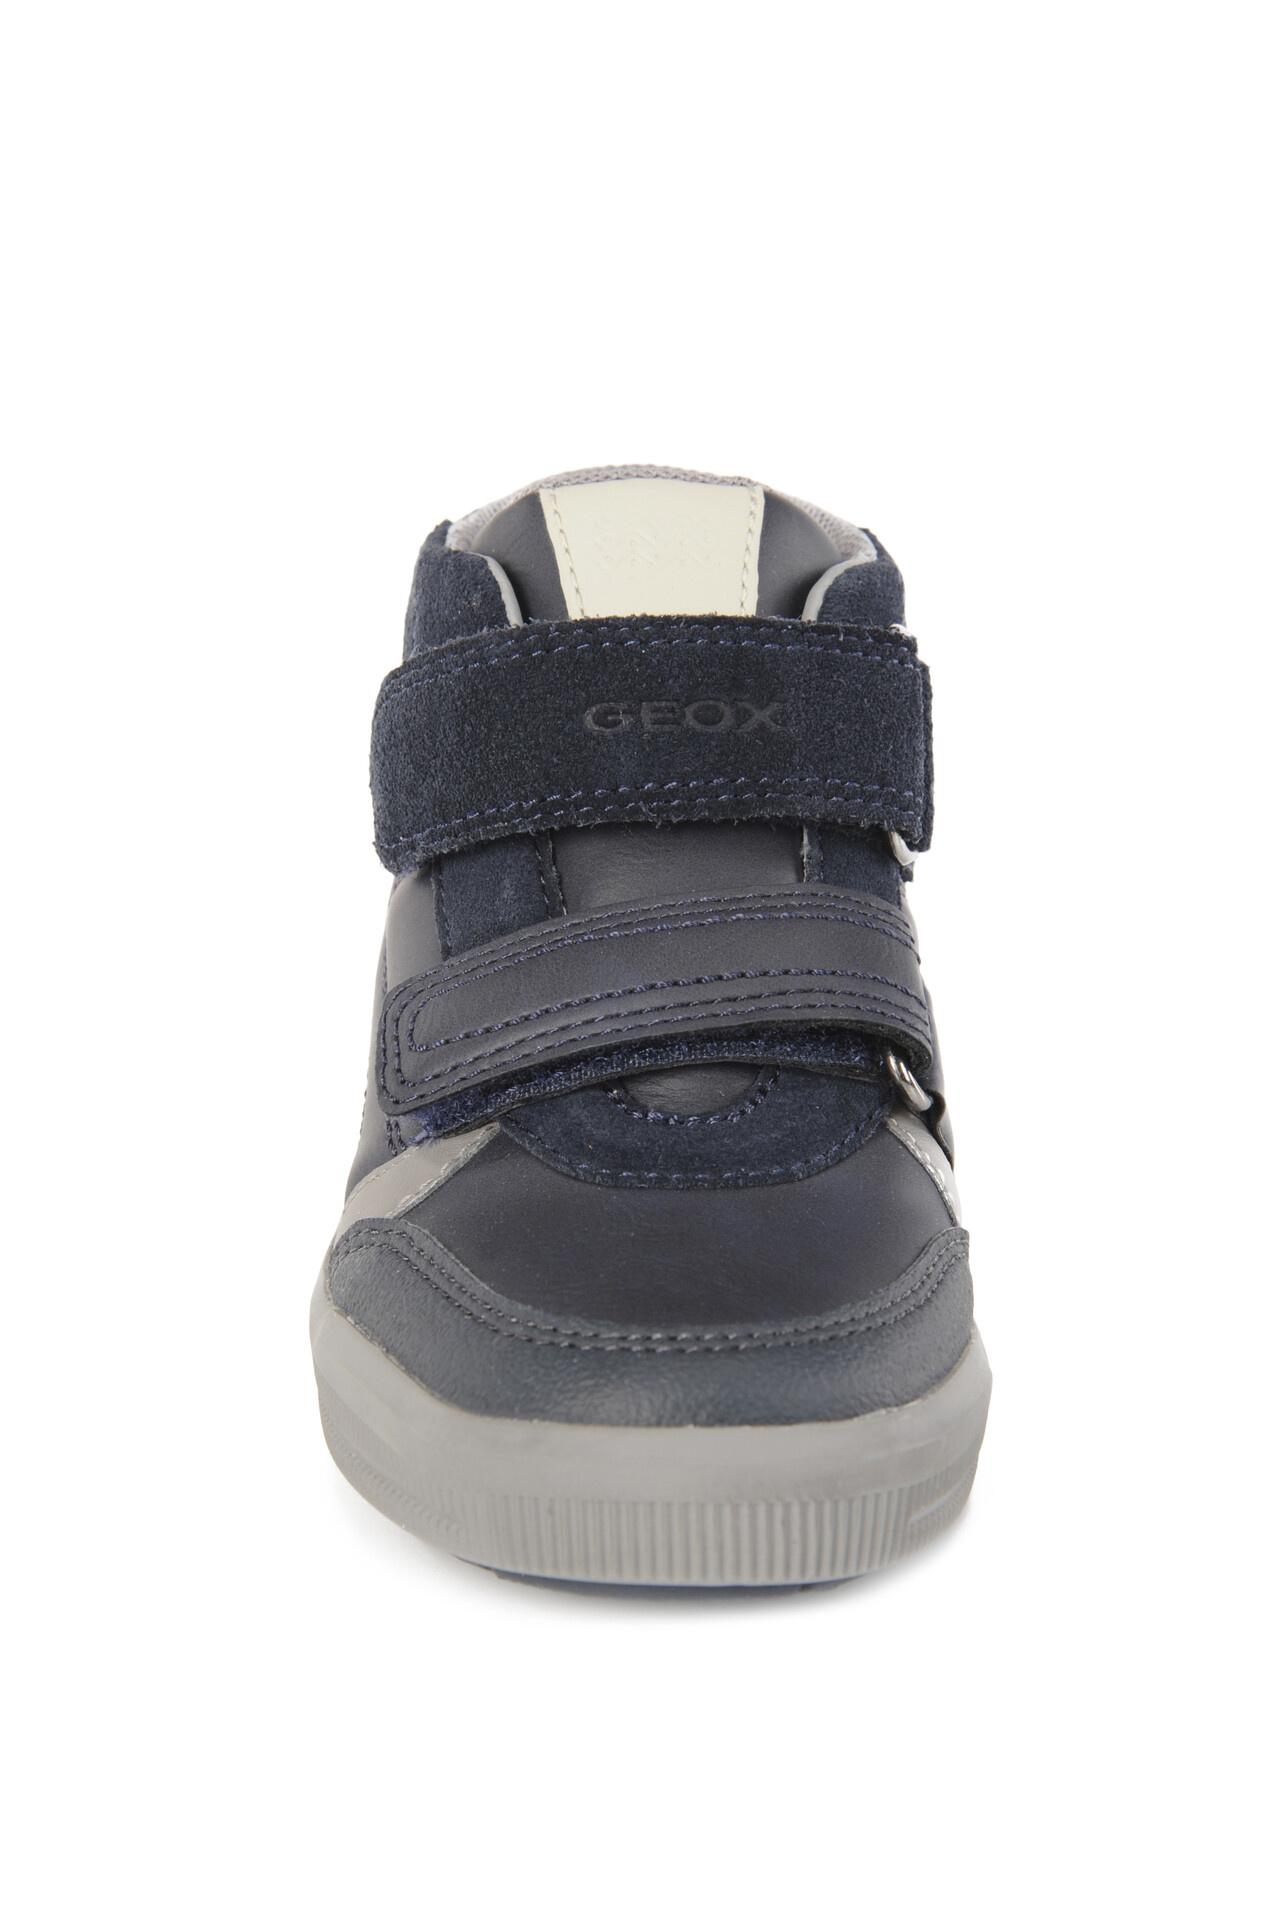 Geox Arzach Navy/Grey Youth